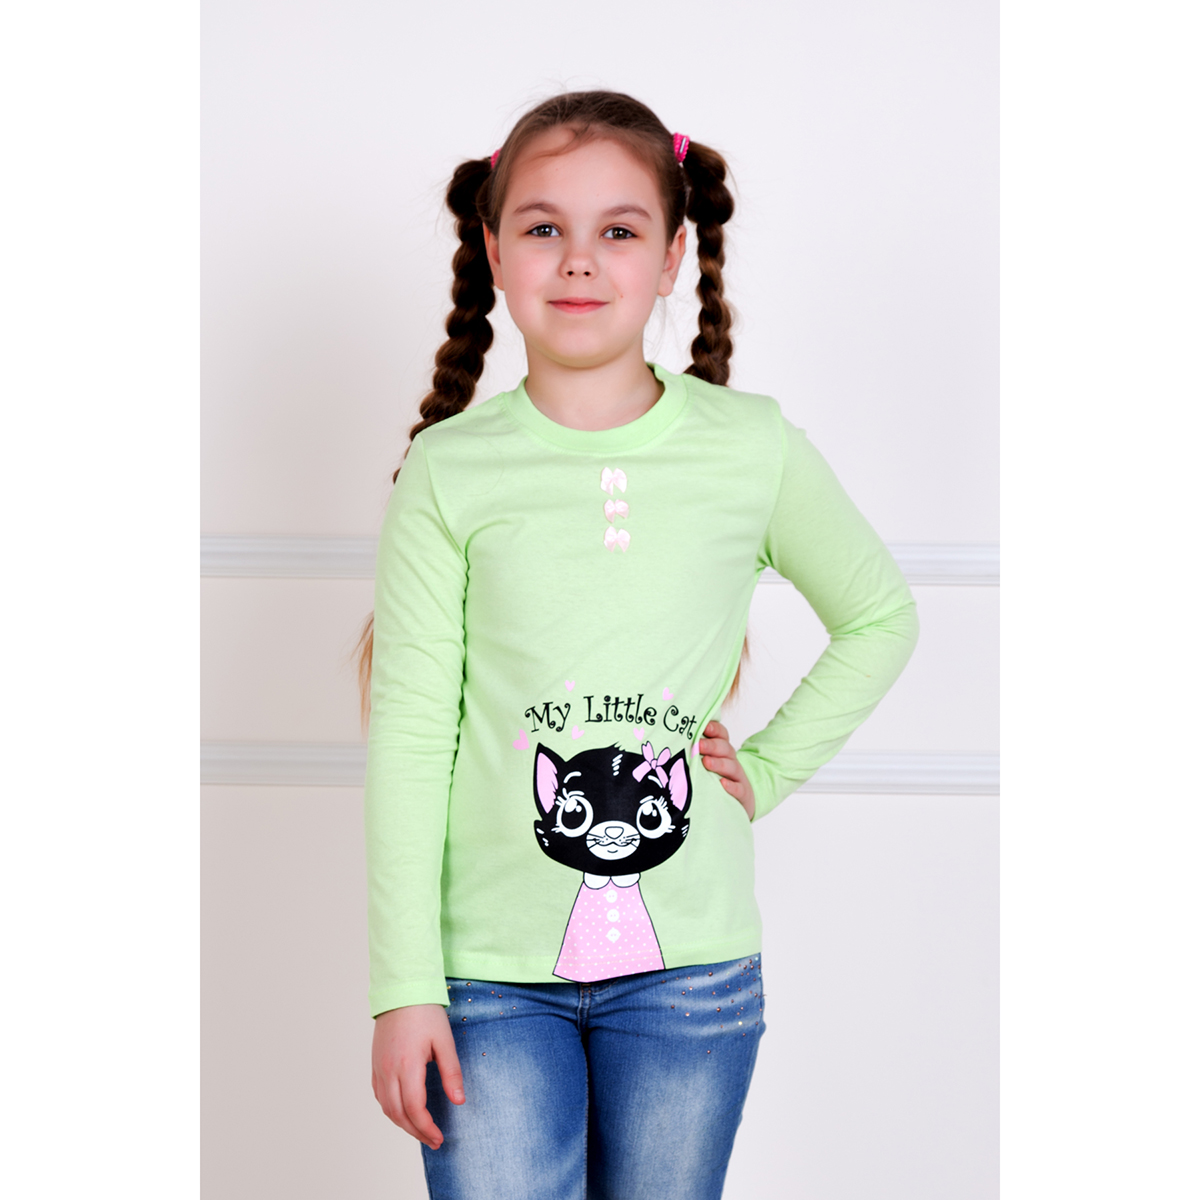 Детская футболка Кэт Салатовый, размер 3 годаТолстовки, джемпера и рубашки<br><br><br>Тип: Дет. футболка<br>Размер: 3 года<br>Материал: Кулирка